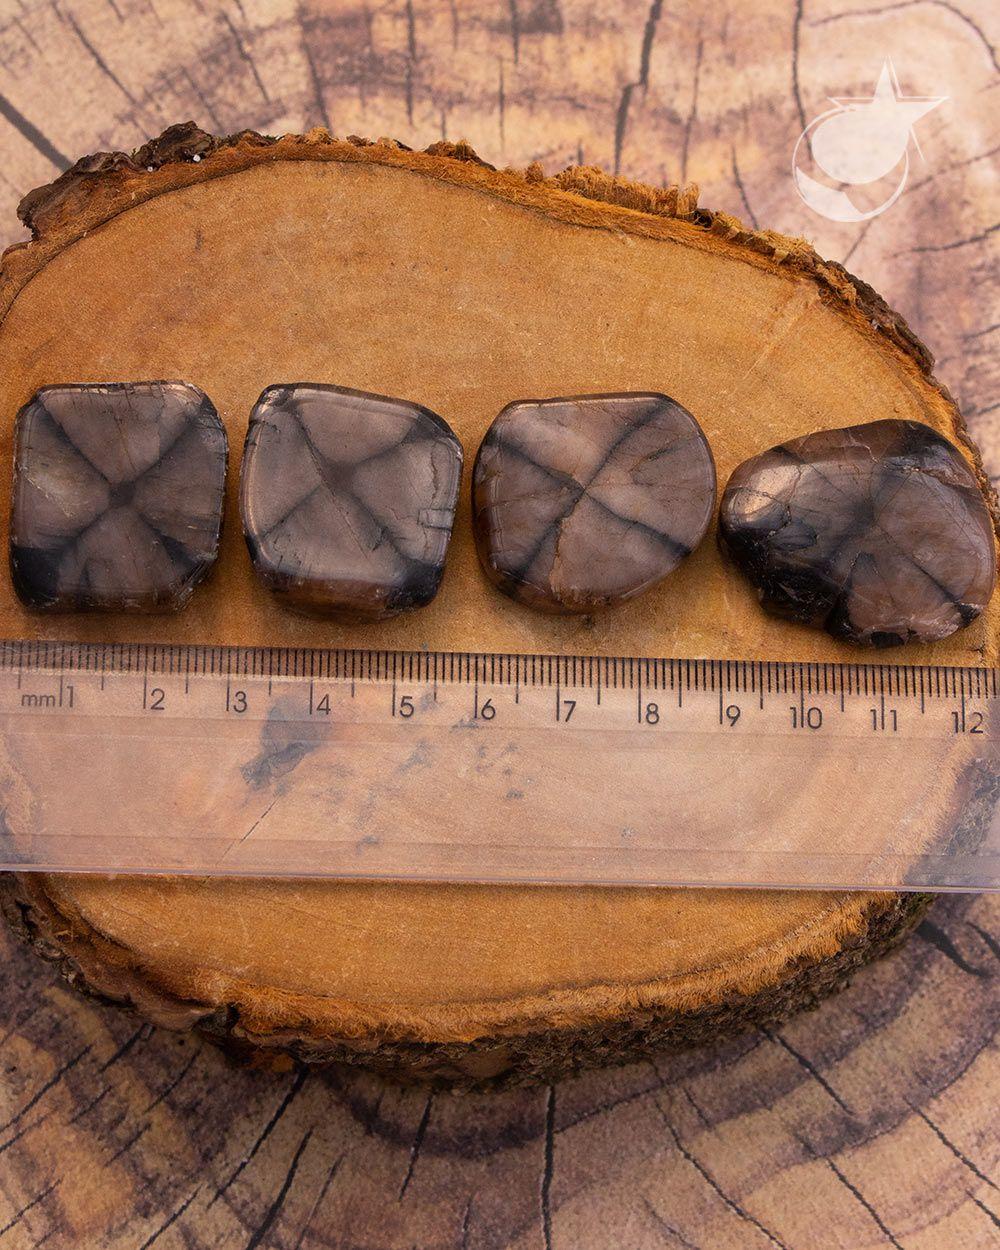 PEDRA DA CRUZ, QUIASTOLITA OU ANDALUZITA - UNIDADE - 2,5 a 3 cm